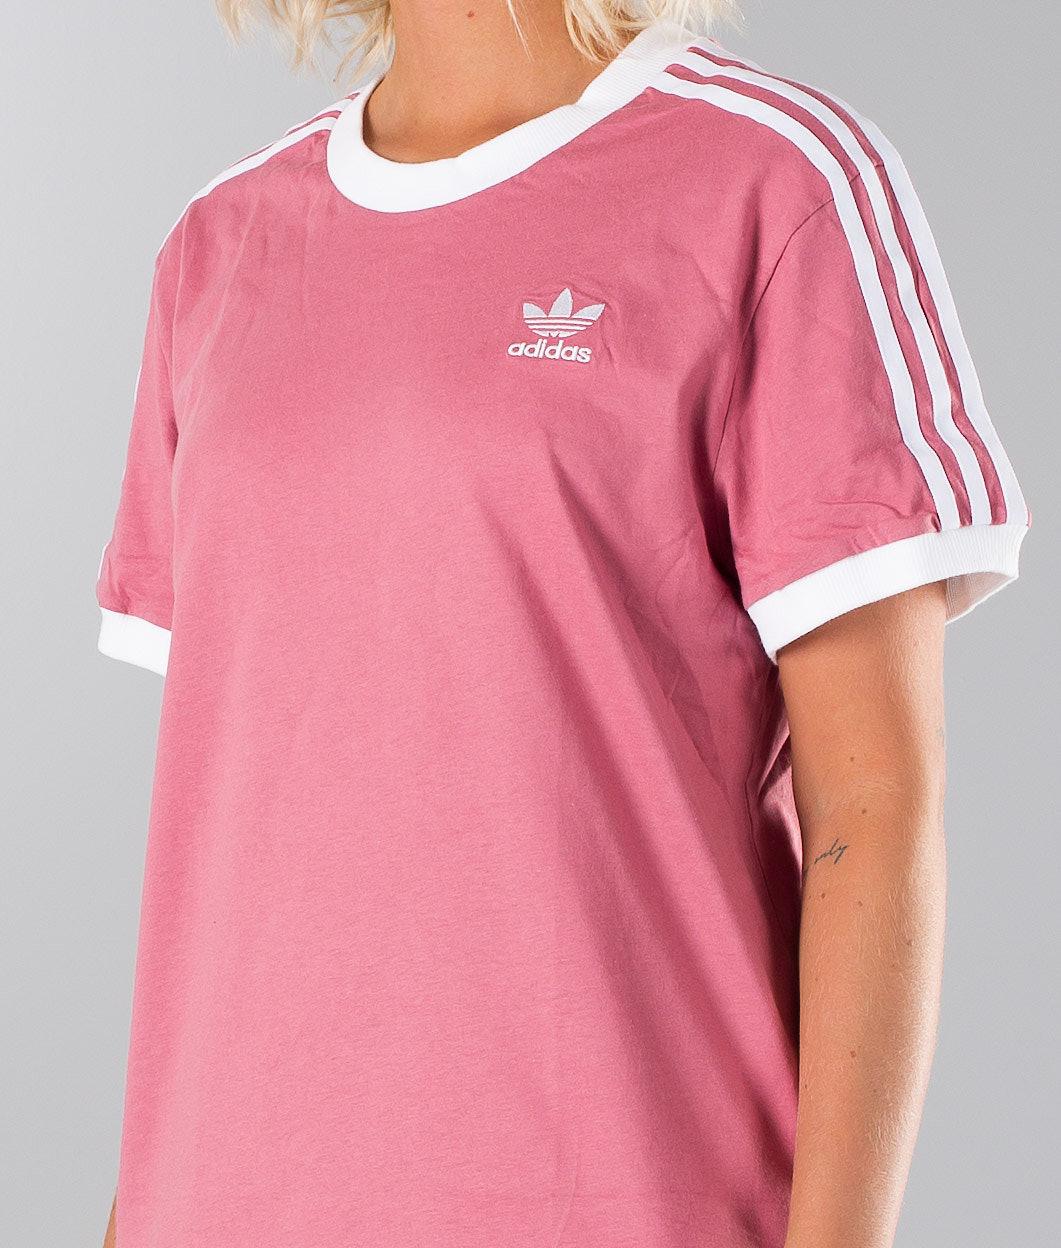 f69c53532d Adidas Originals 3 Stripes T-shirt Trace Maroon - Ridestore.com